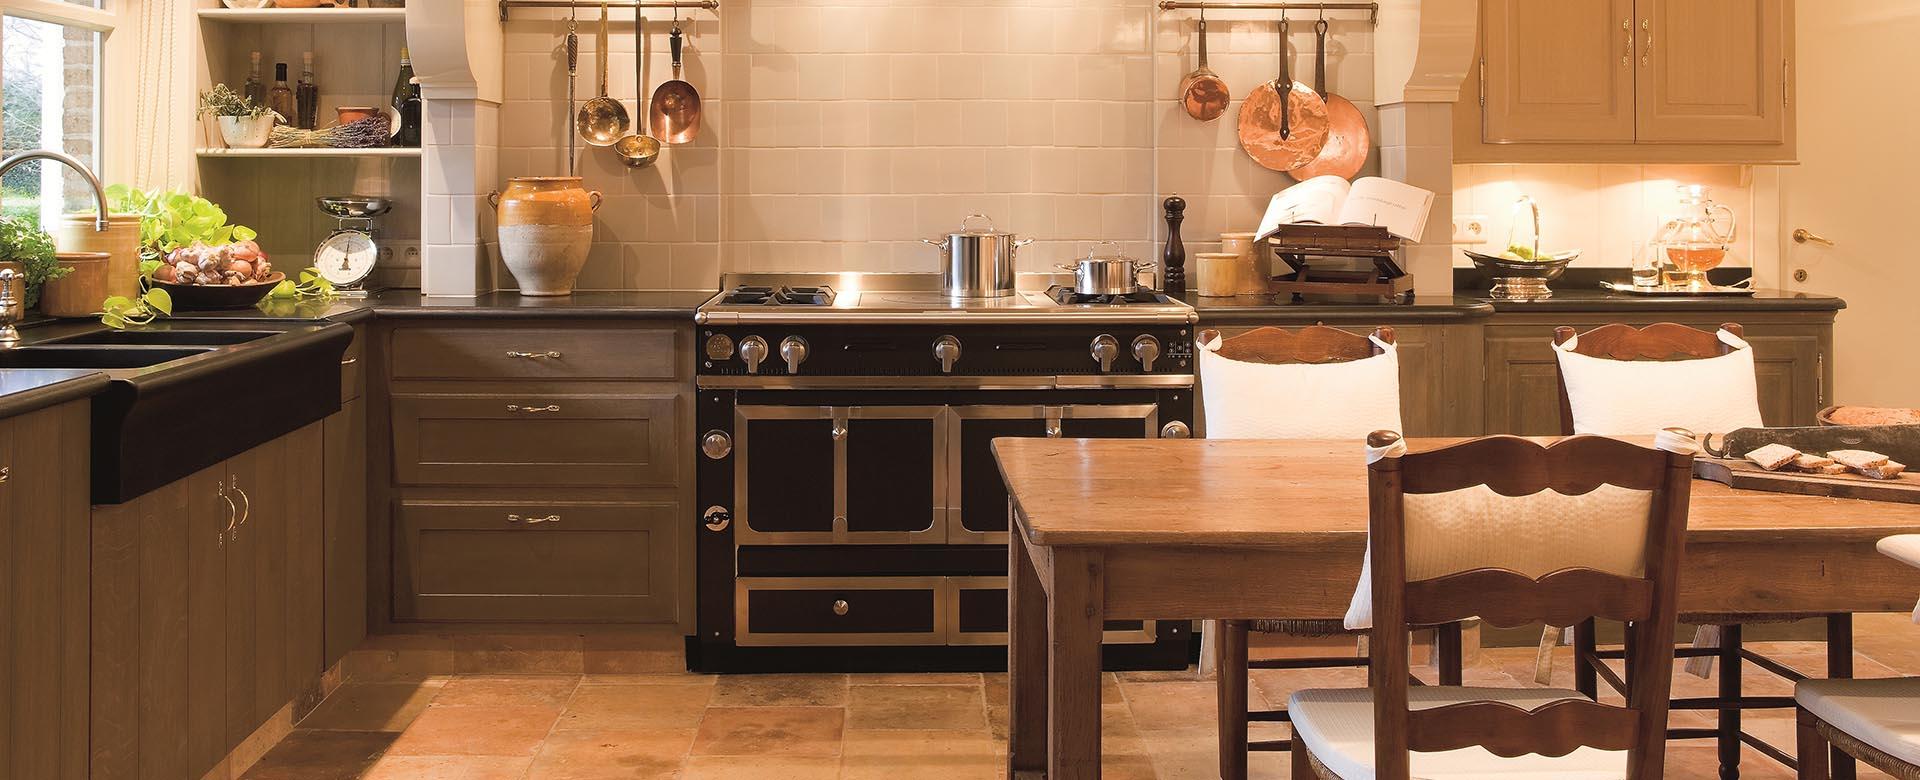 La Cornue Range Cookers - Hearth & Cook